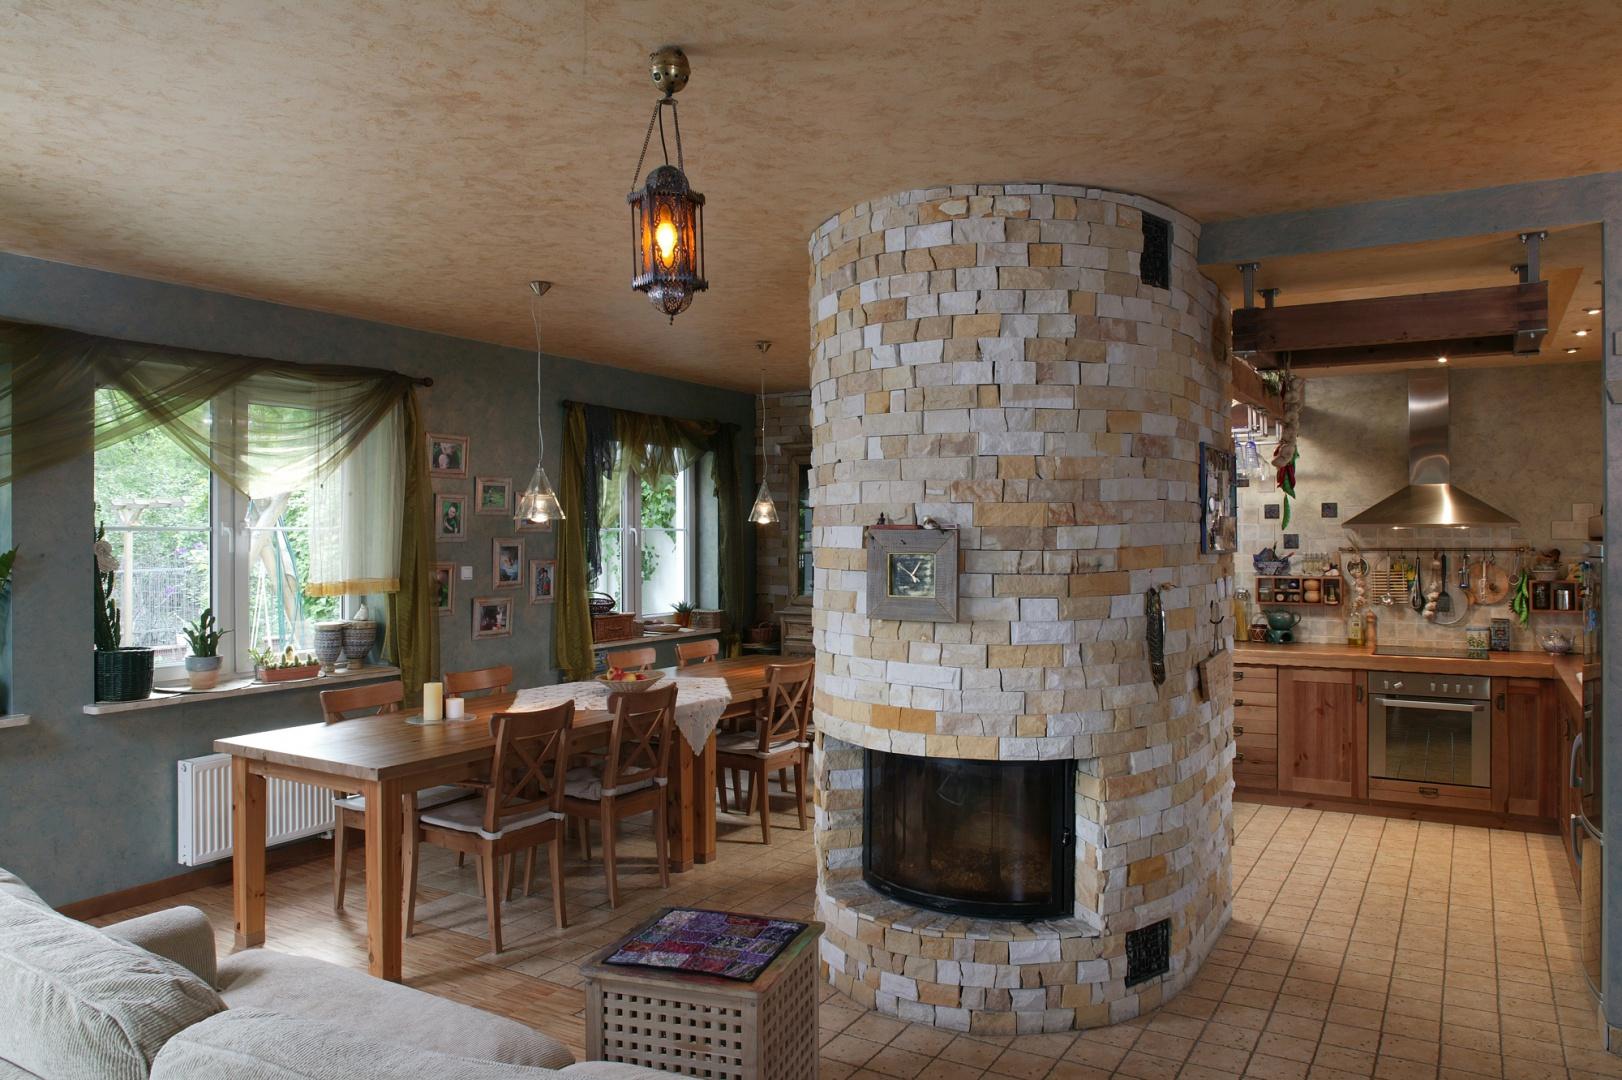 Centralnym punktem kuchni jest owalny kominek – wyłożony kamieniem, niczym kaflowy piec. Fot. Tomasz Markowski.